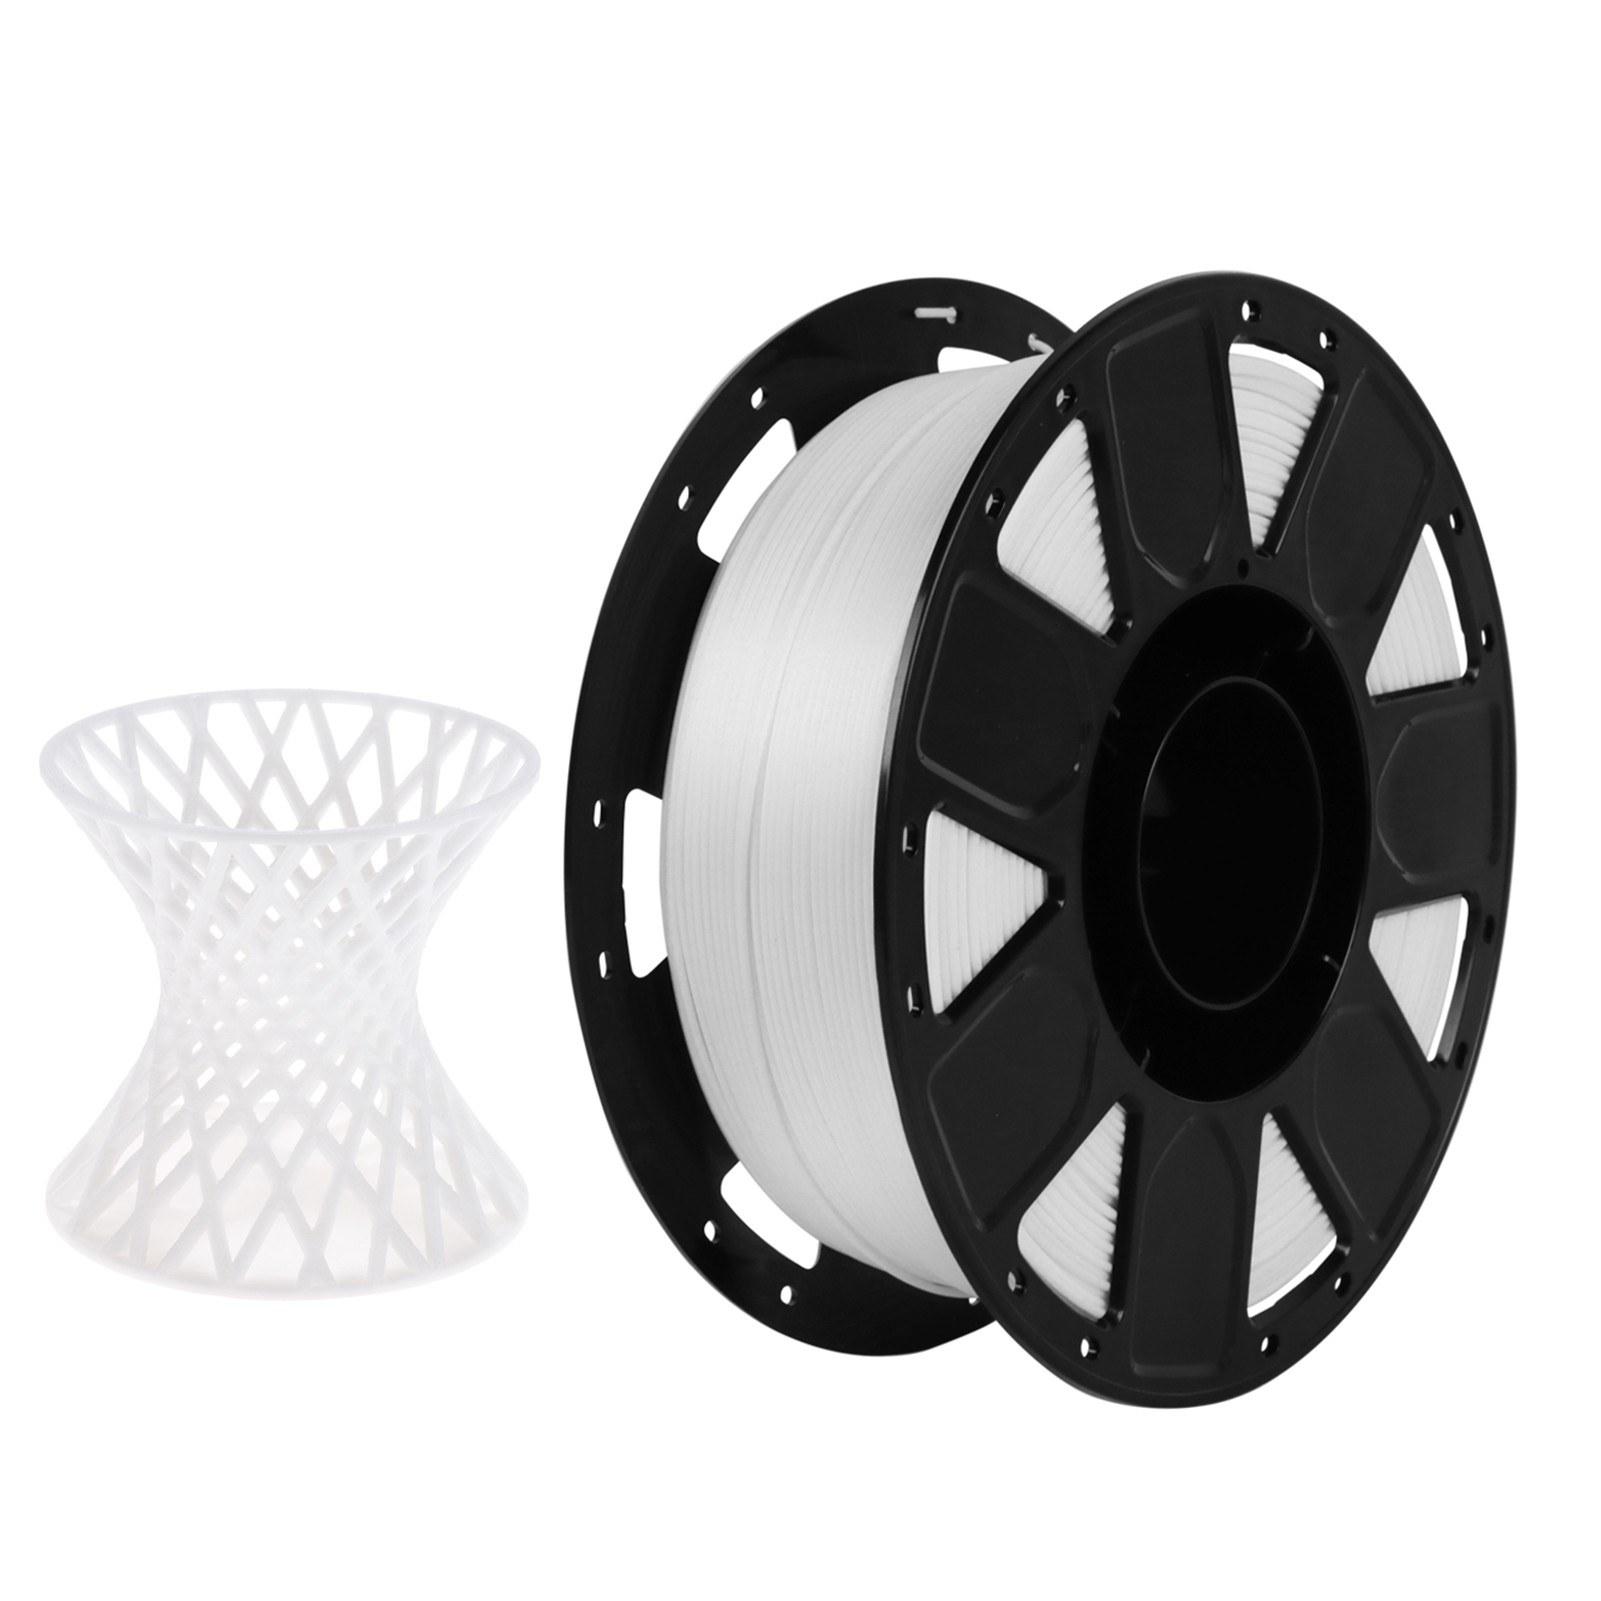 Tomtop - [EU Warehouse] 77% OFF Creality 3D Printer PLA Filament 1.75mm 1kg/2.2lbs, $15.89+